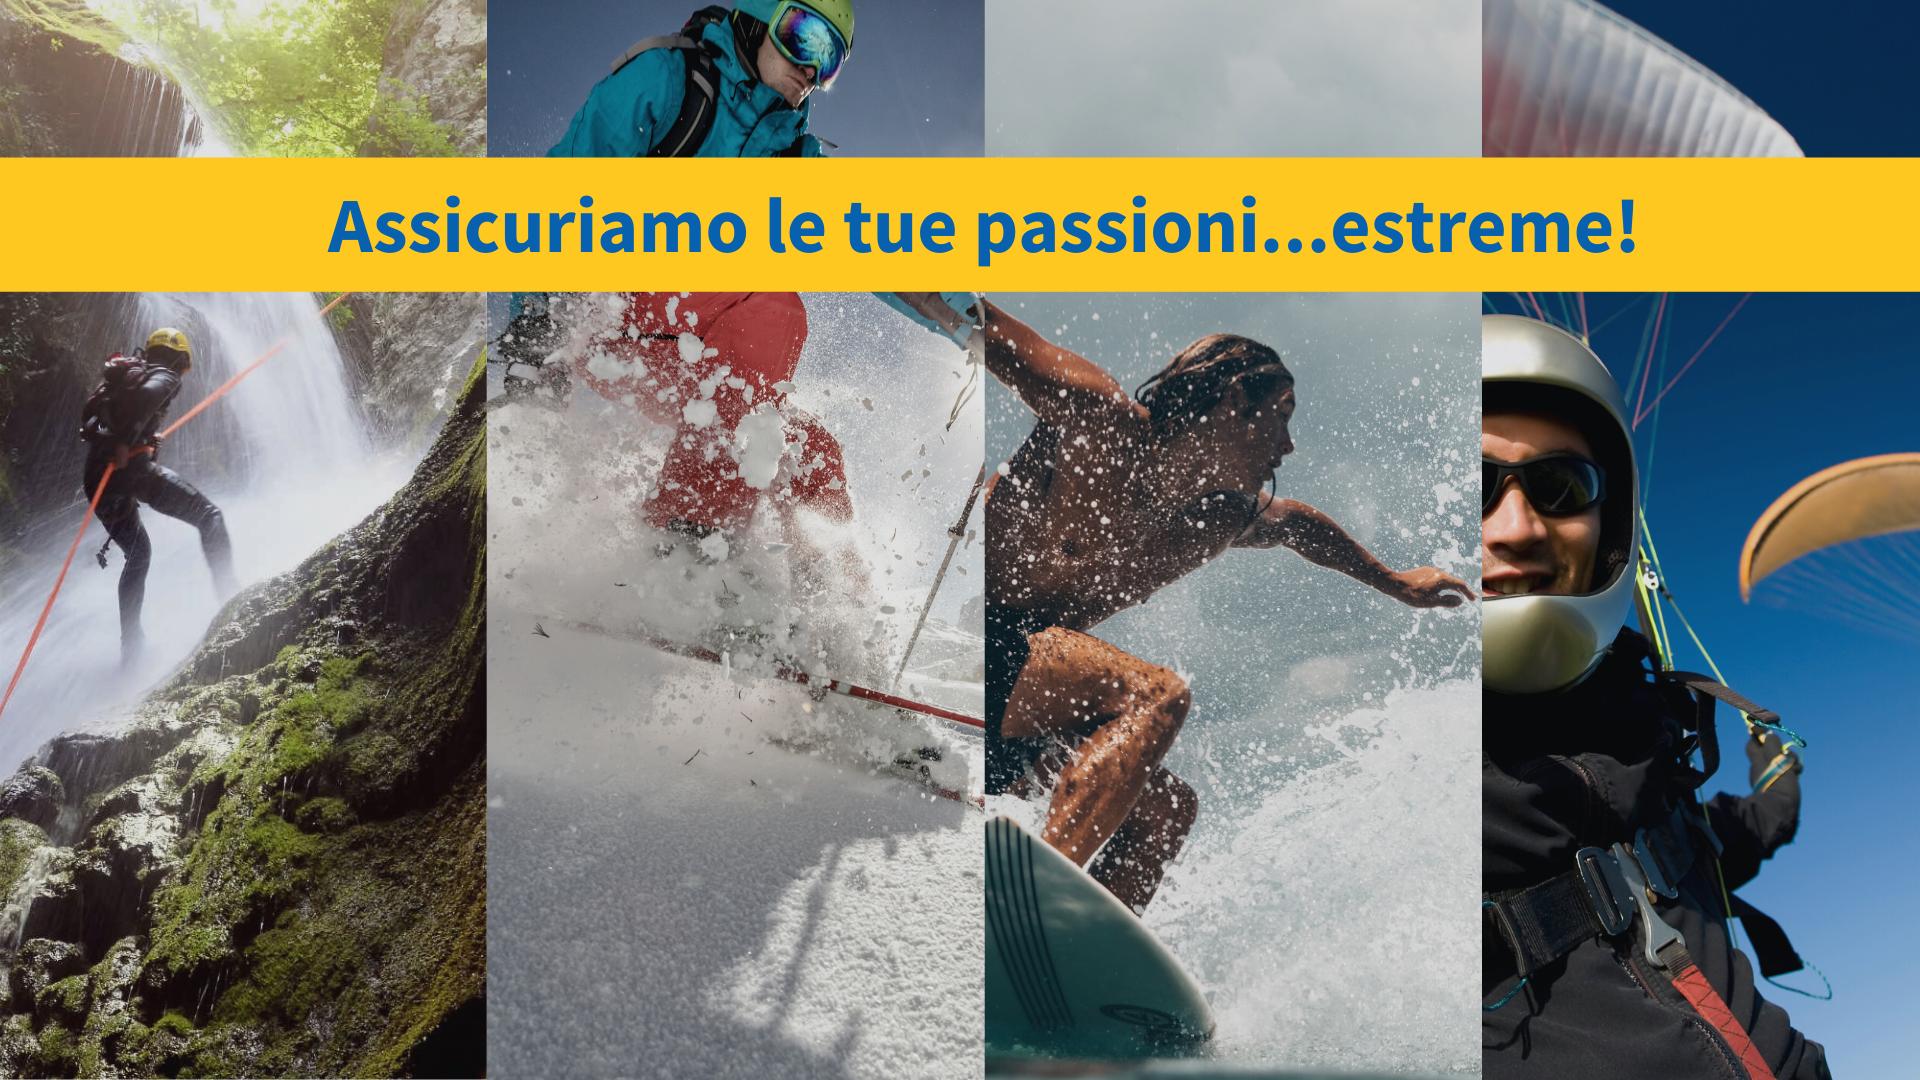 Quali sport estremi puoi praticare in Italia?